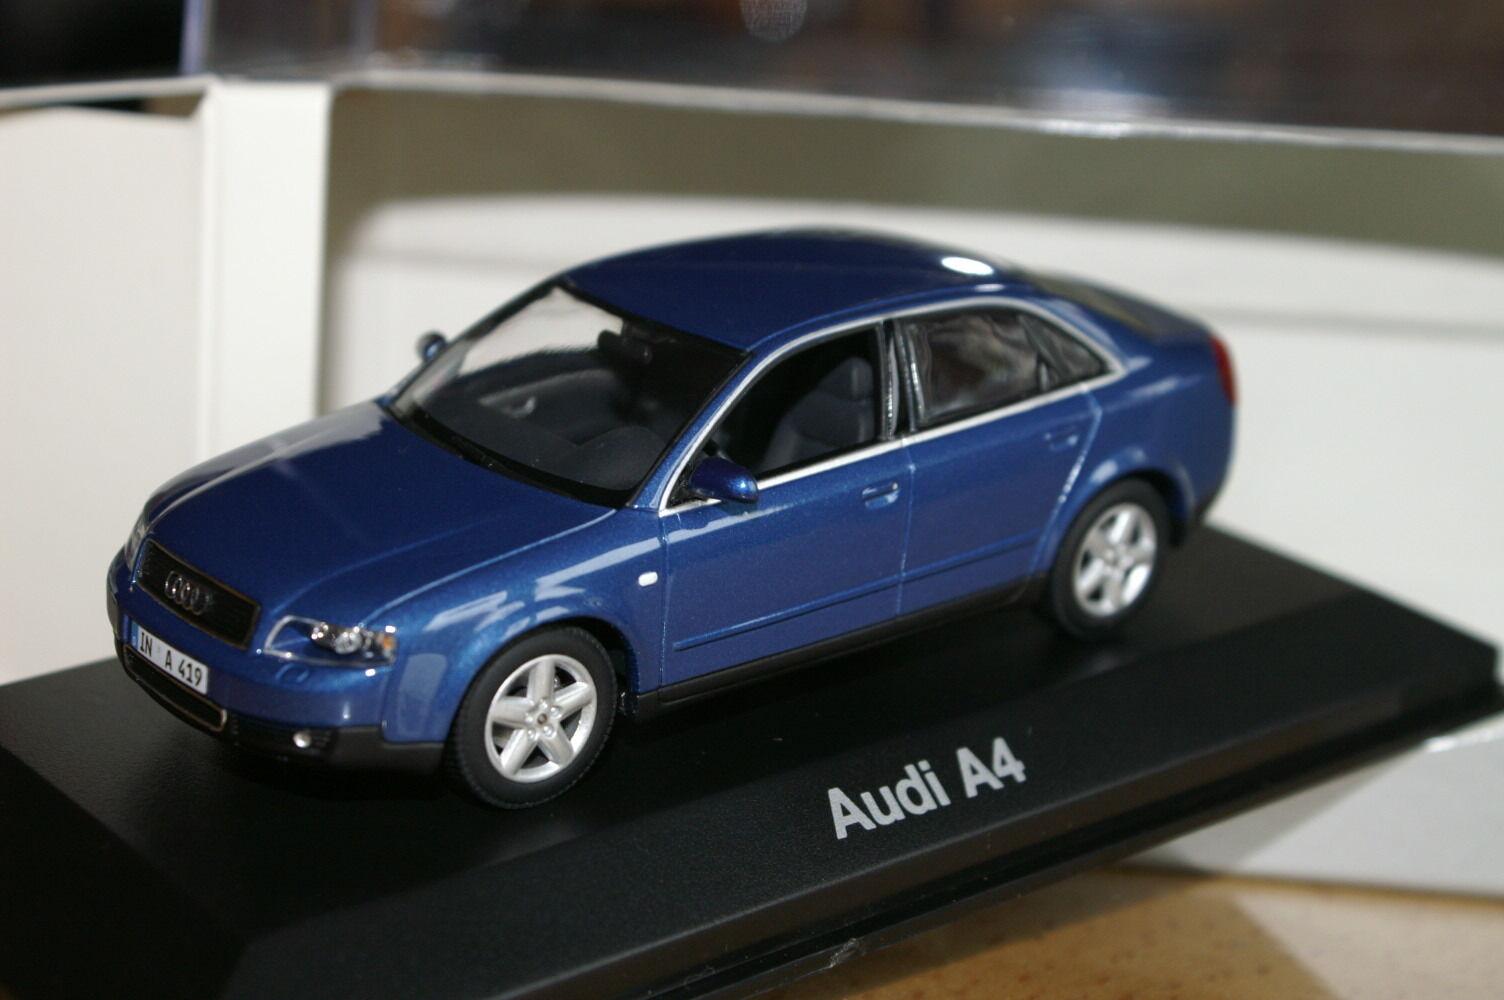 1 43 audi a4 azul b6 Minichamps azul 2.3.4.6.8.9.0.5.7.tdi FSI t Quattro